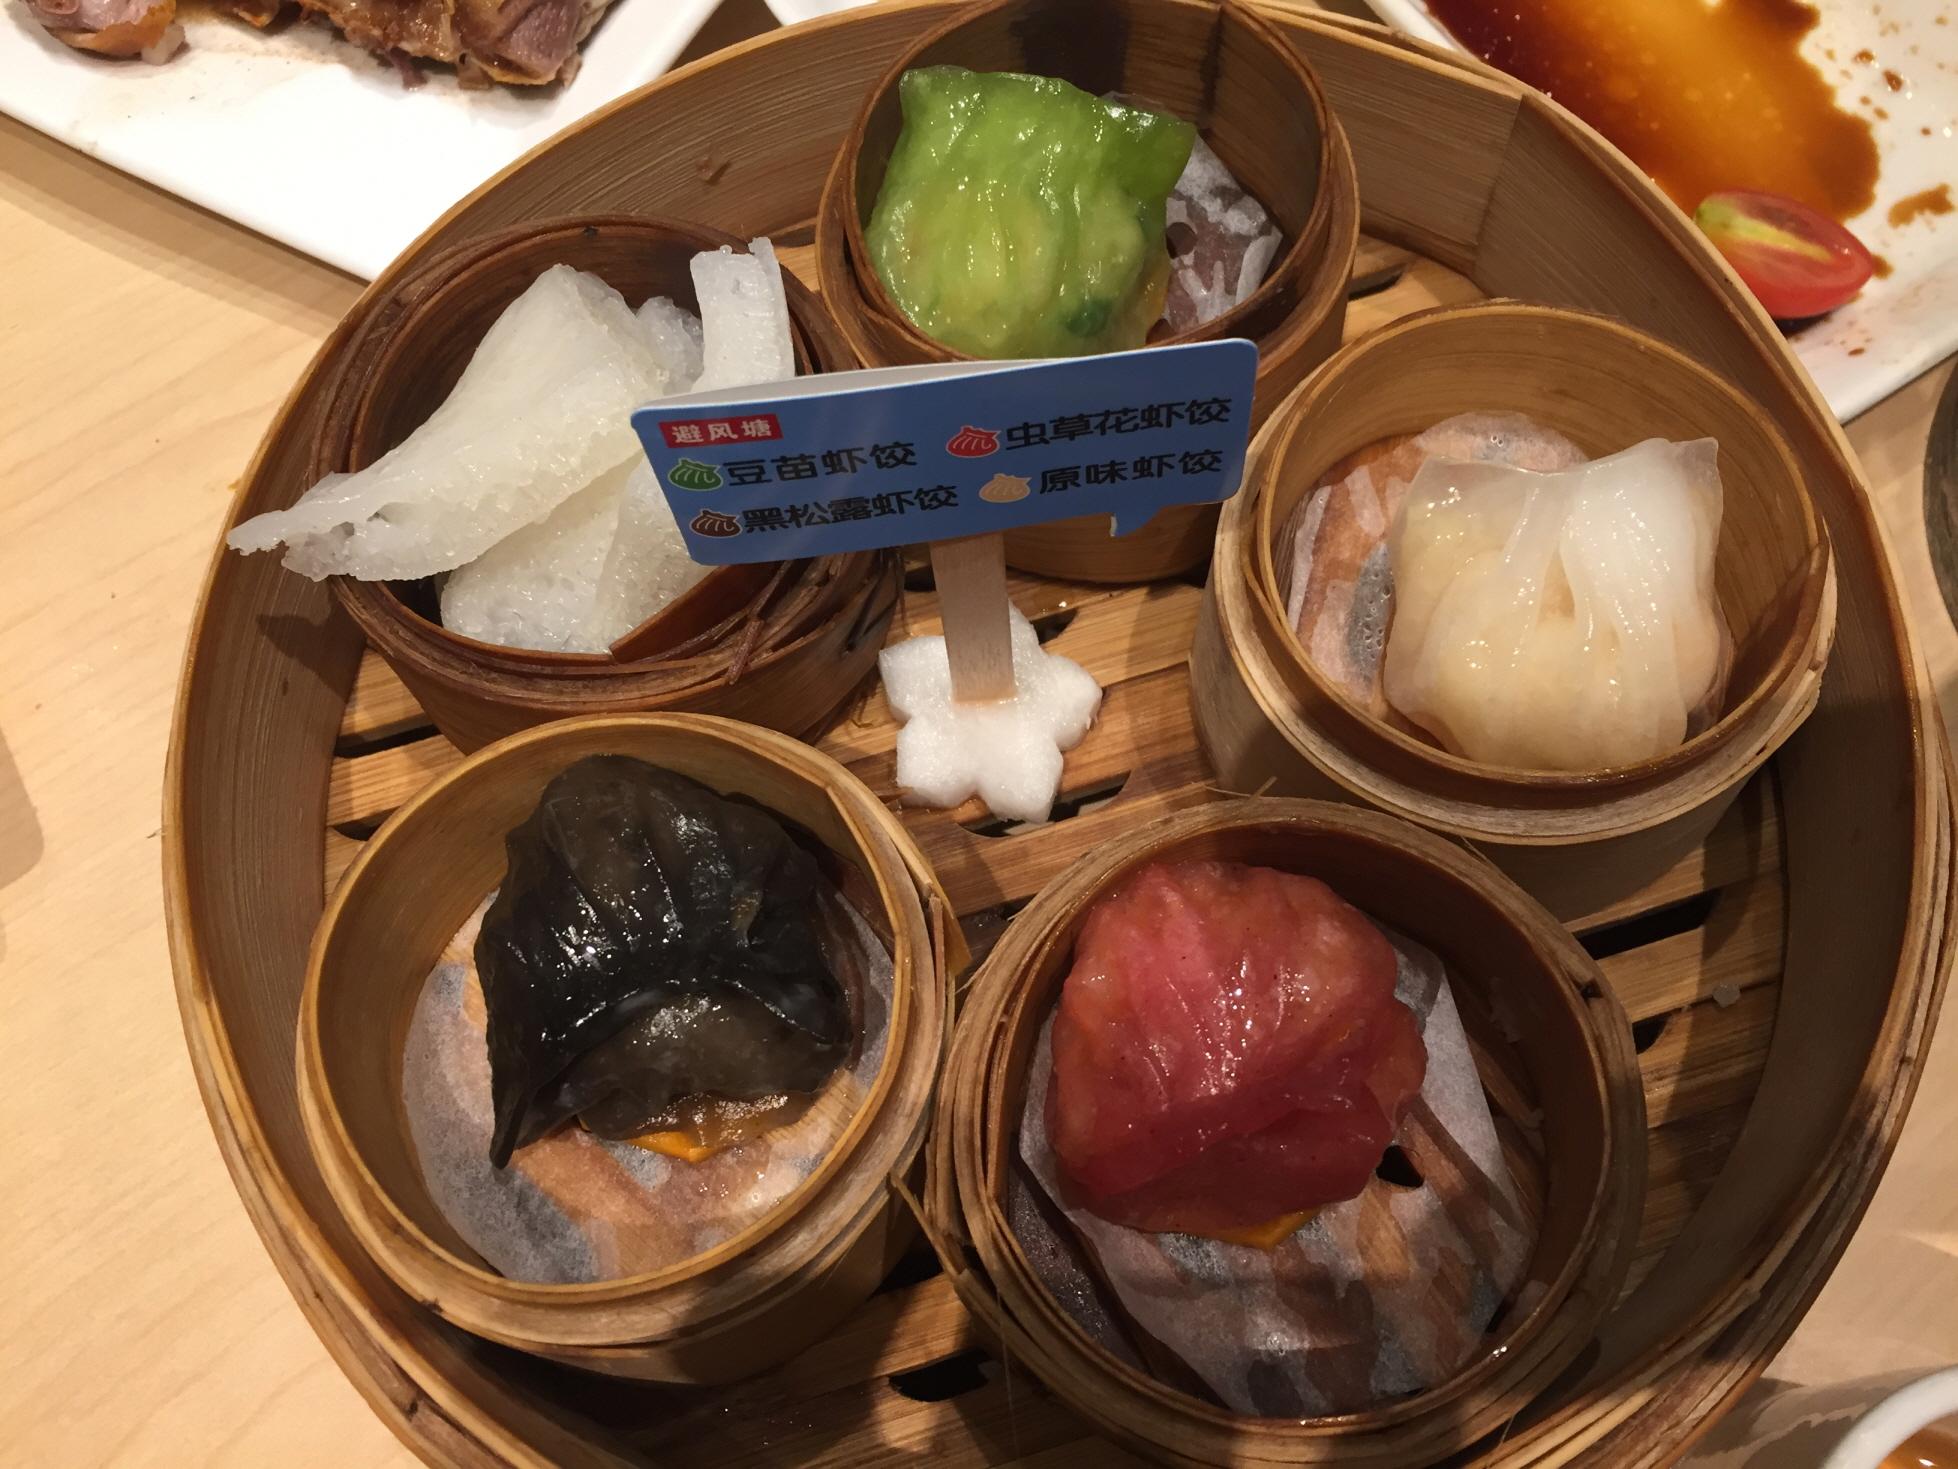 상하이먹방 (2) 저렴한 딤섬 전문점, 비펑탕